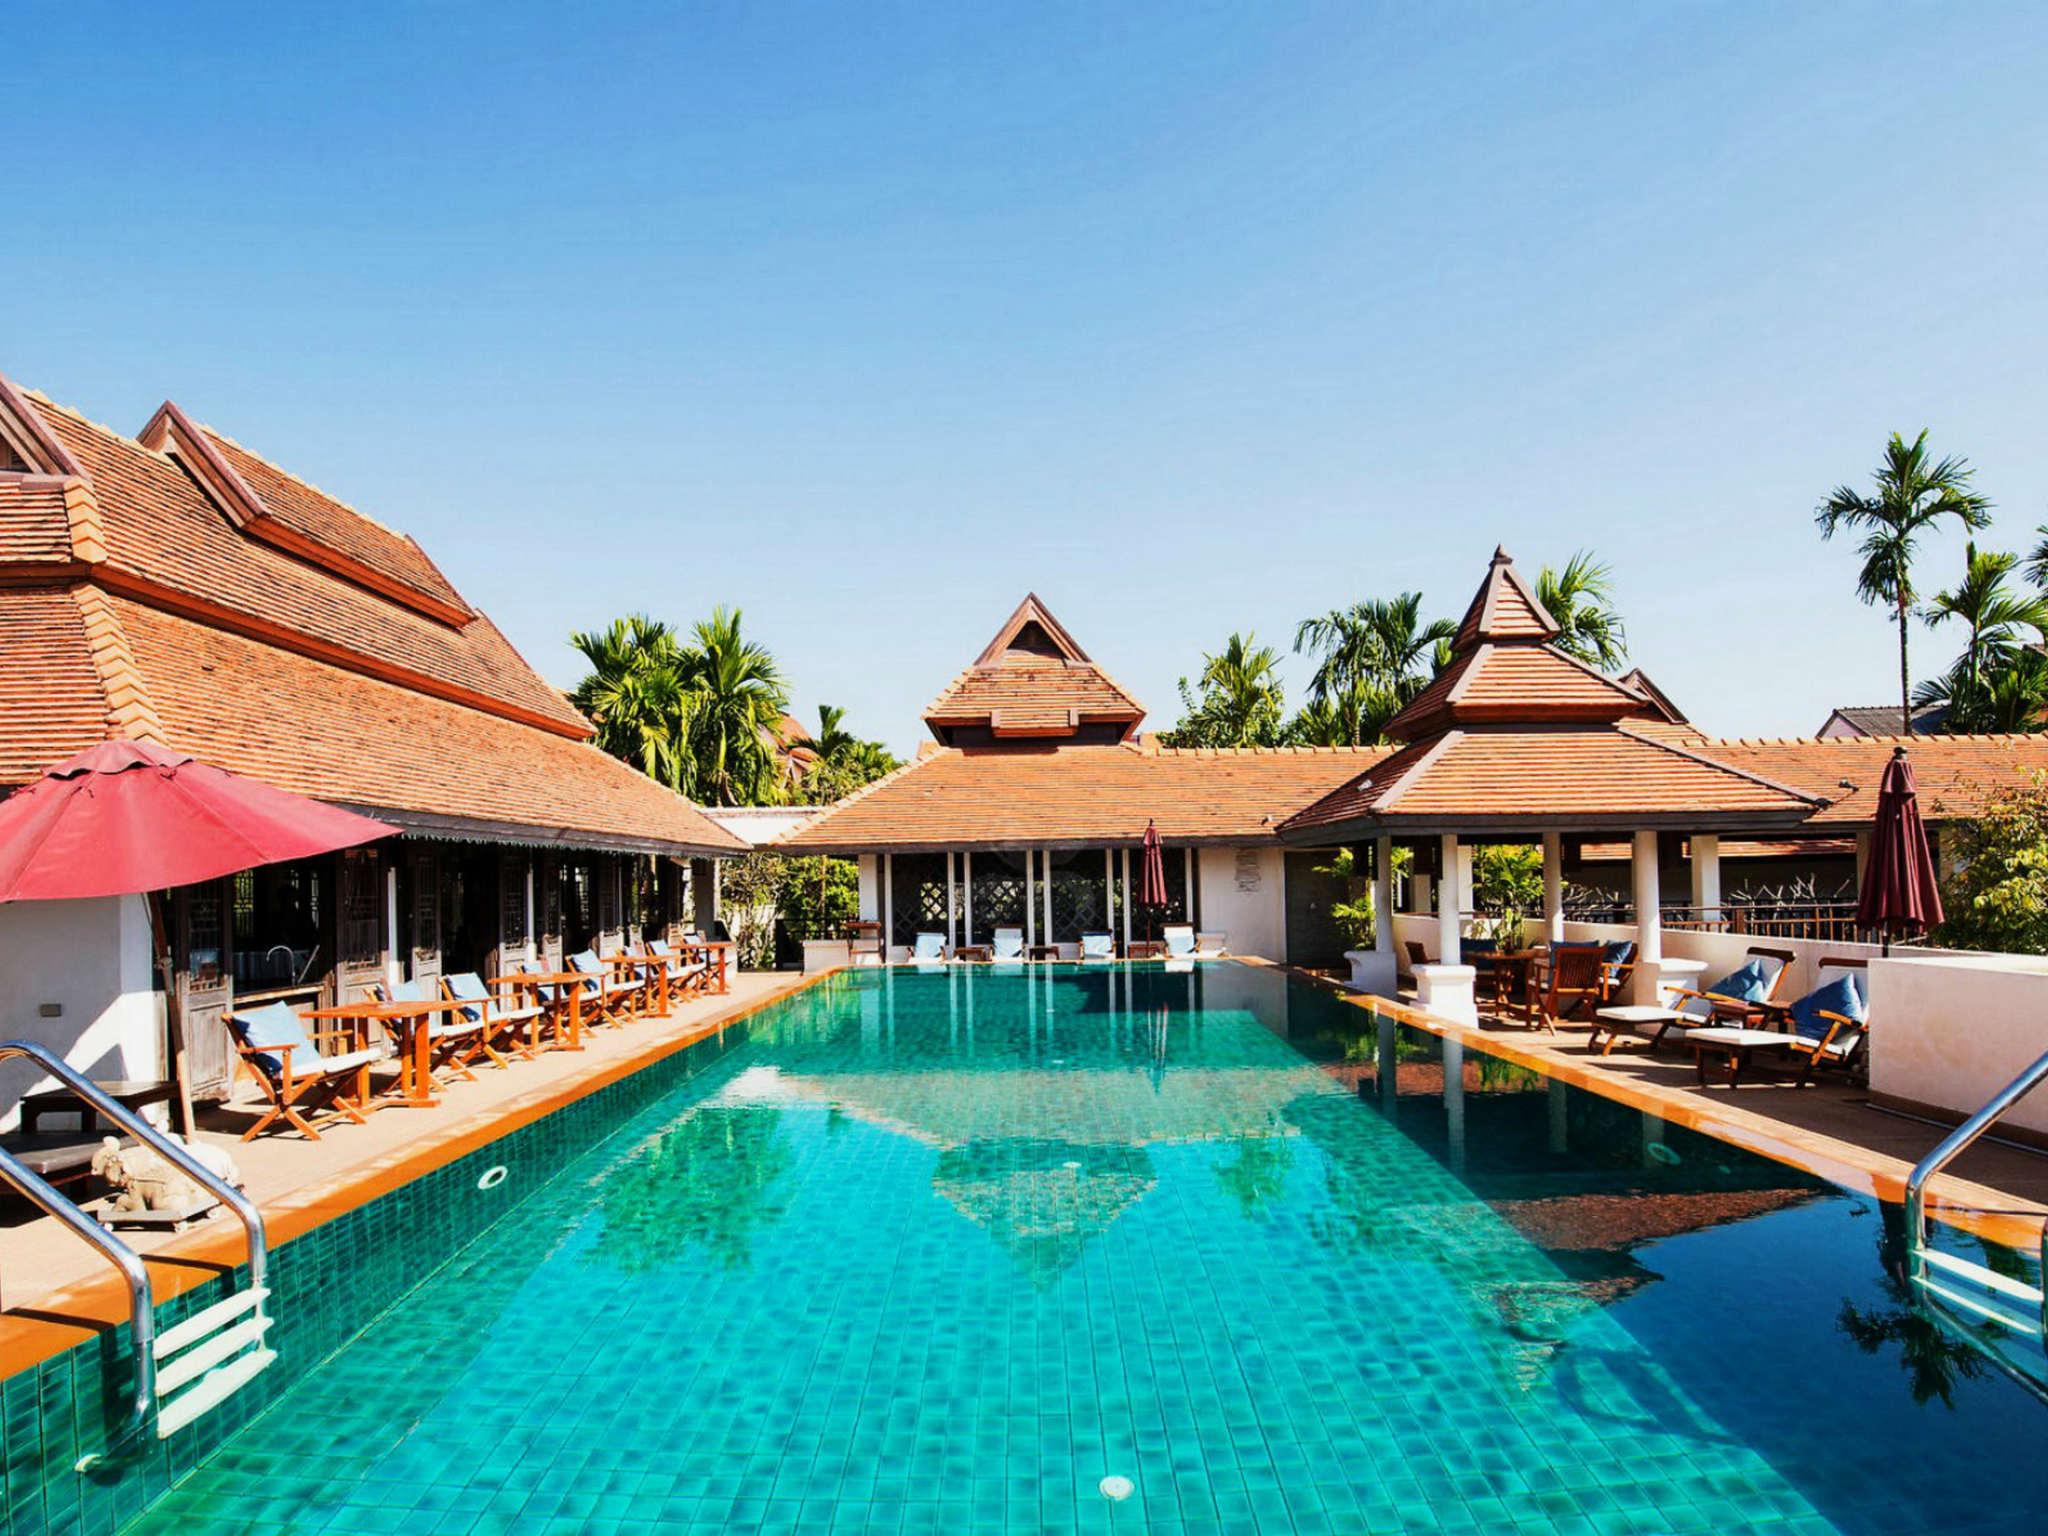 Hotel bodhi serene a boutique hotel